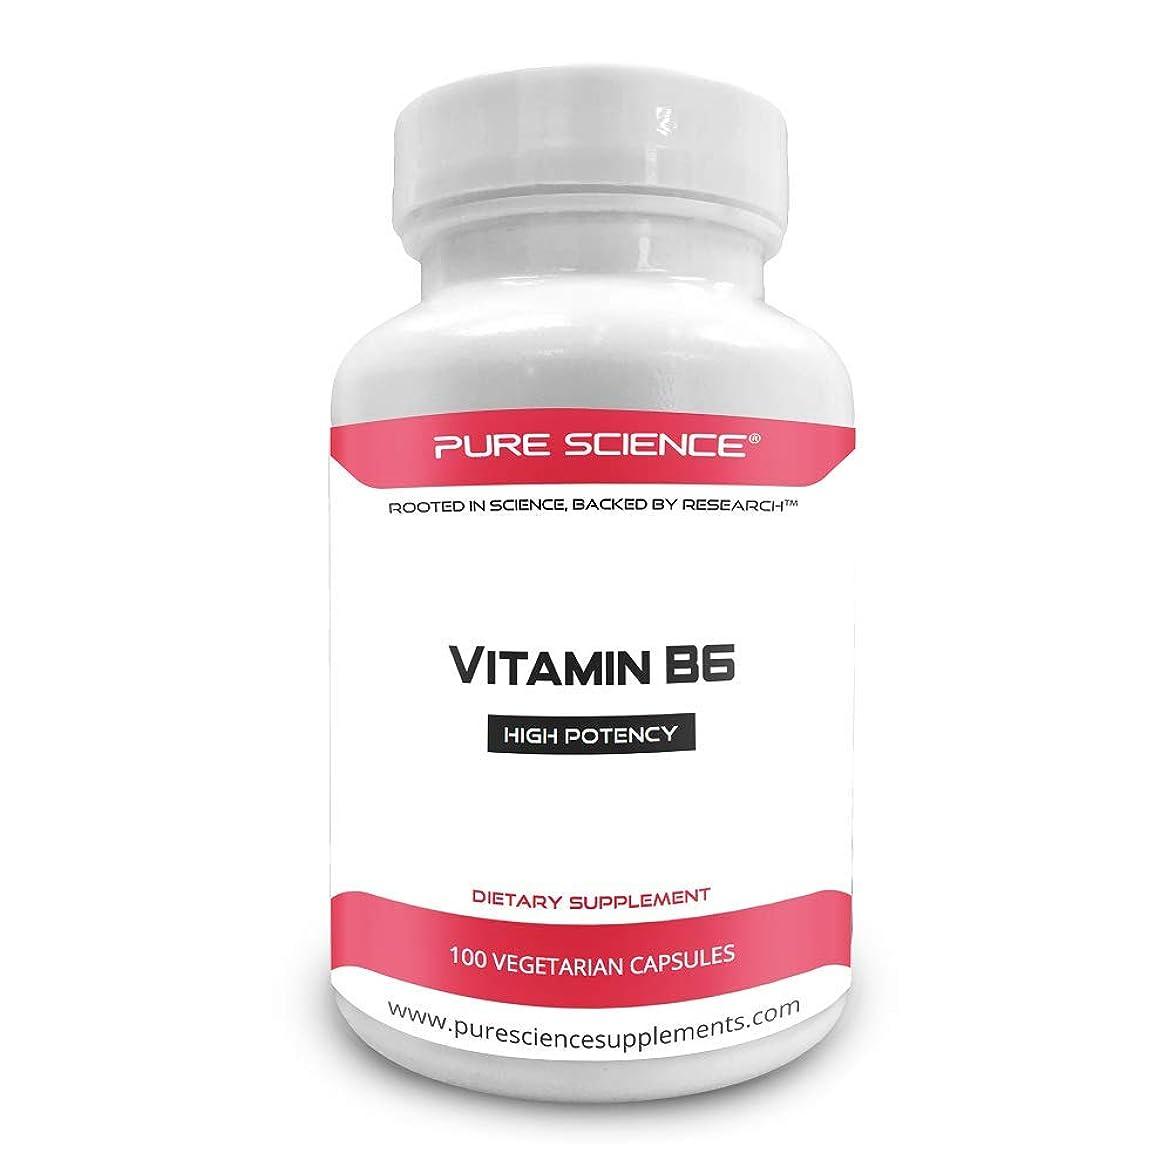 だますゲートパッドPure Science の ビタミンB6 (Vitamin B6) ピリドキシン塩酸塩 (Pyridoxine Hydrochloride) - 100mg - を含む 5mgバイオペリン (BioPerine?) - 100 ベジタリアンカプセル